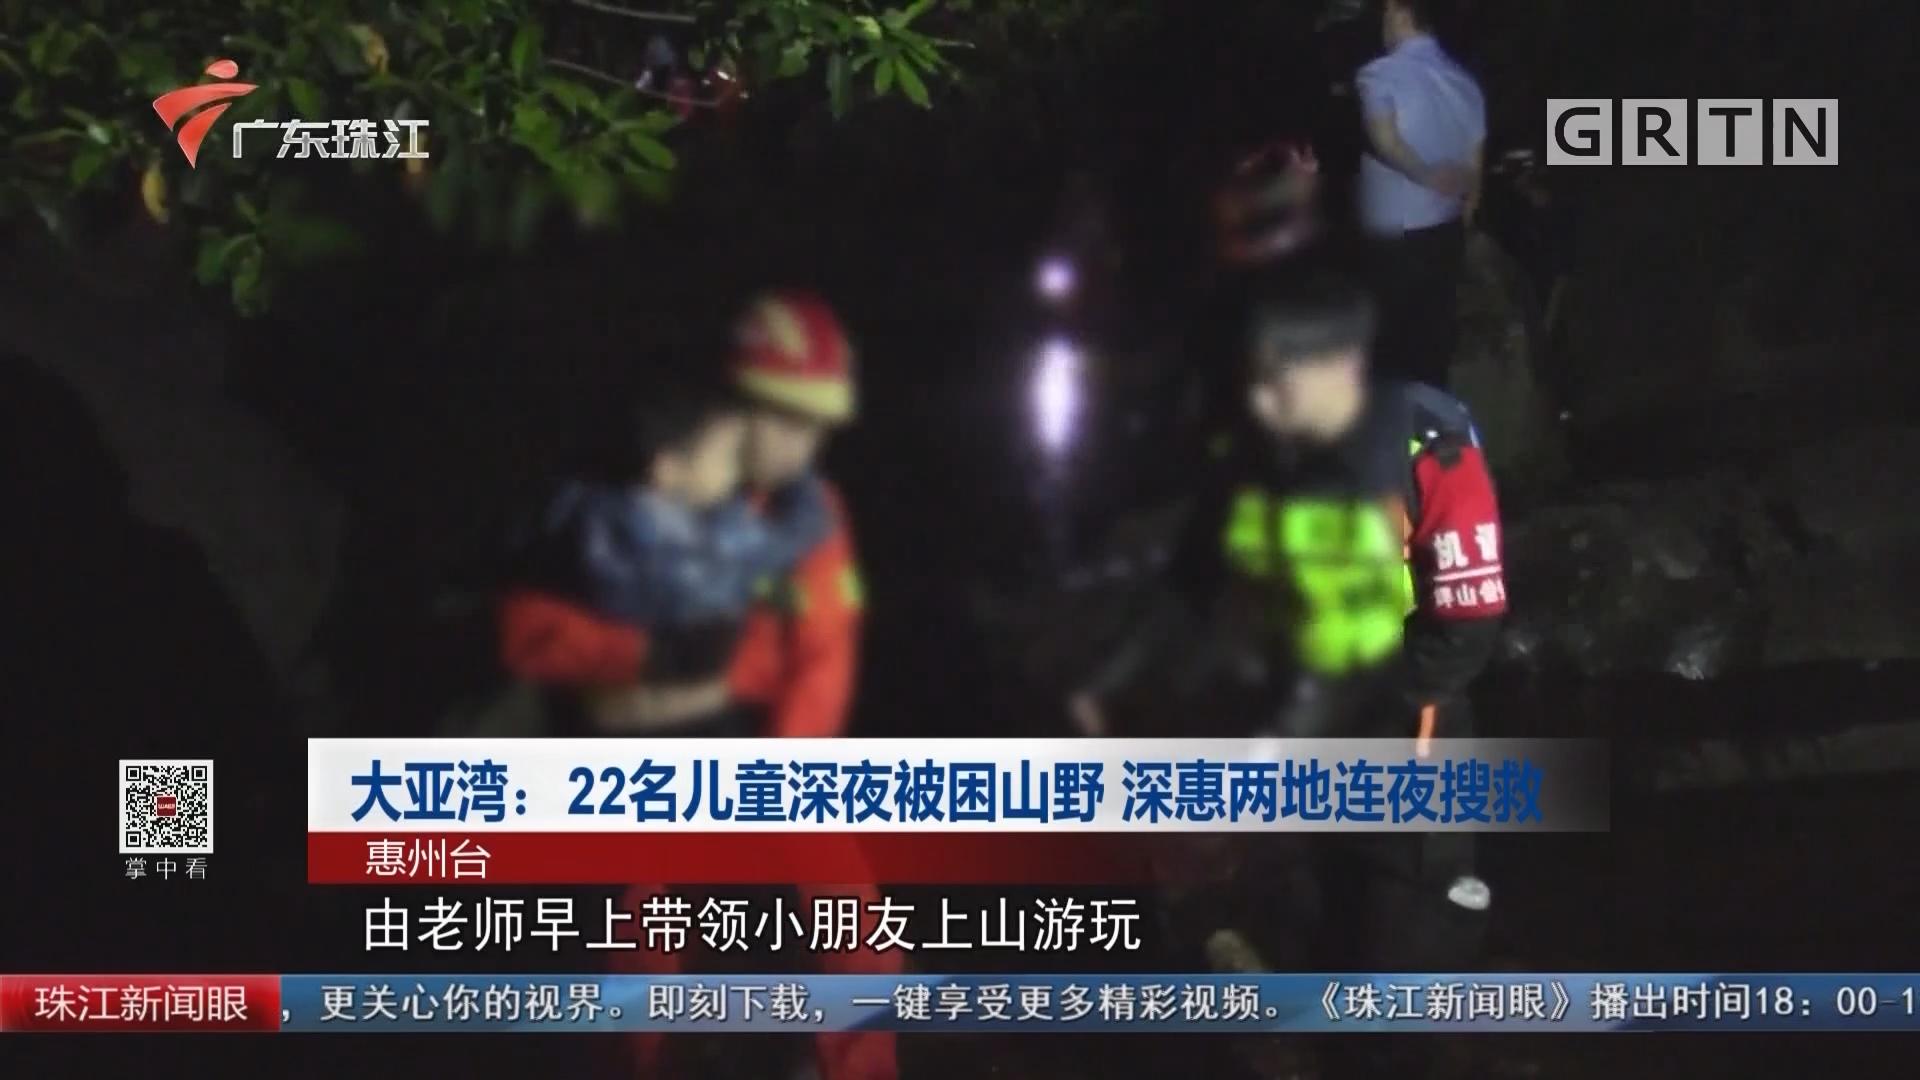 大亞灣:22名兒童深夜被困山野 深惠兩地連夜搜救